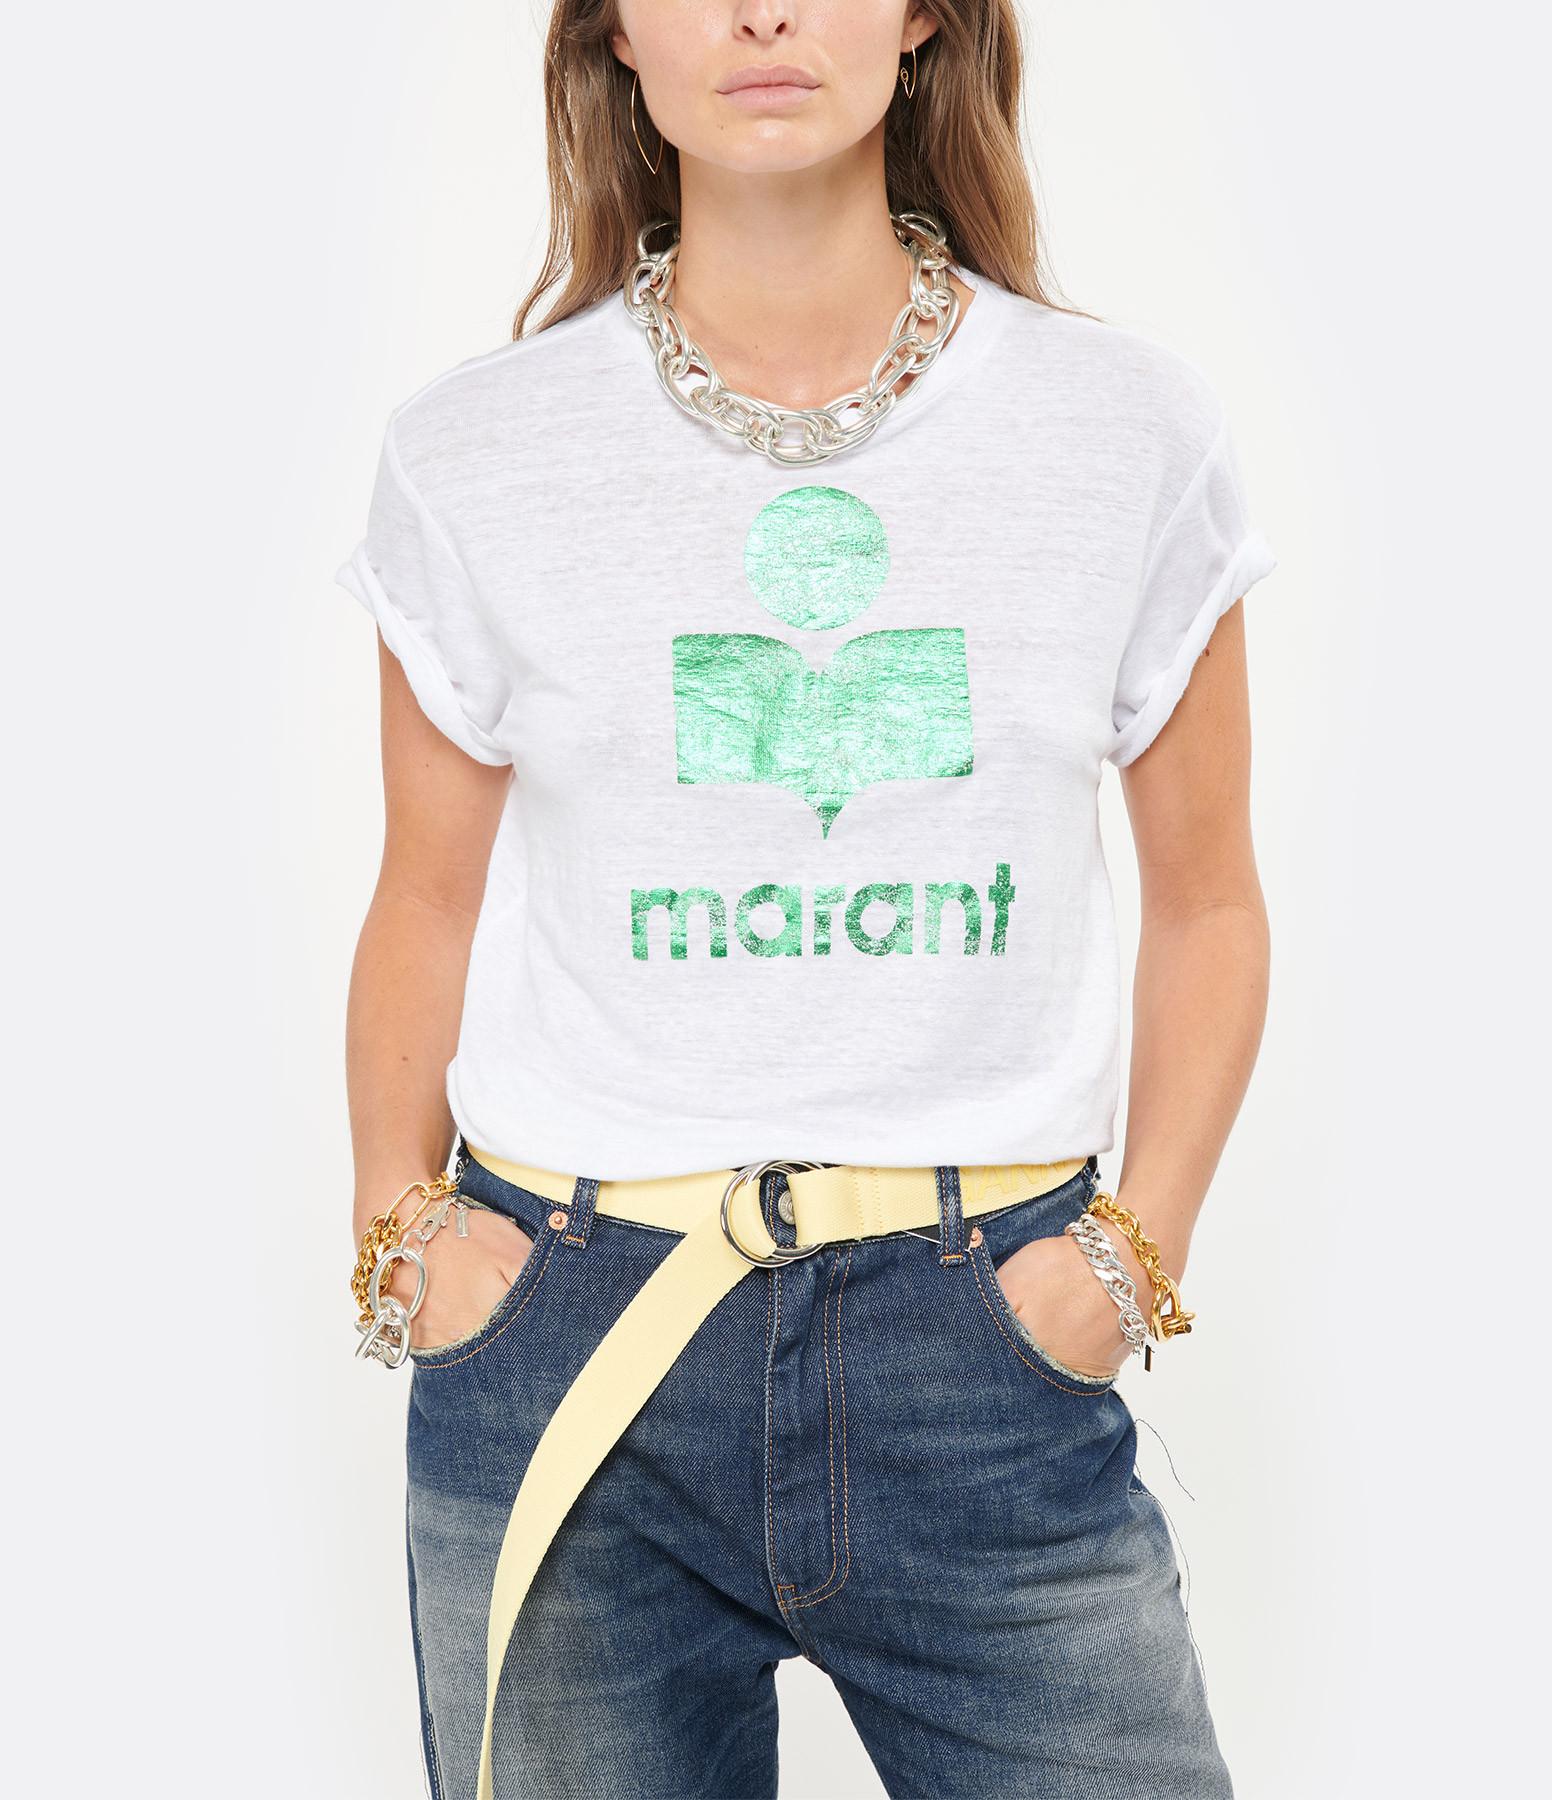 ISABEL MARANT ÉTOILE - Tee-shirt Zewel Lin Blanc Vert